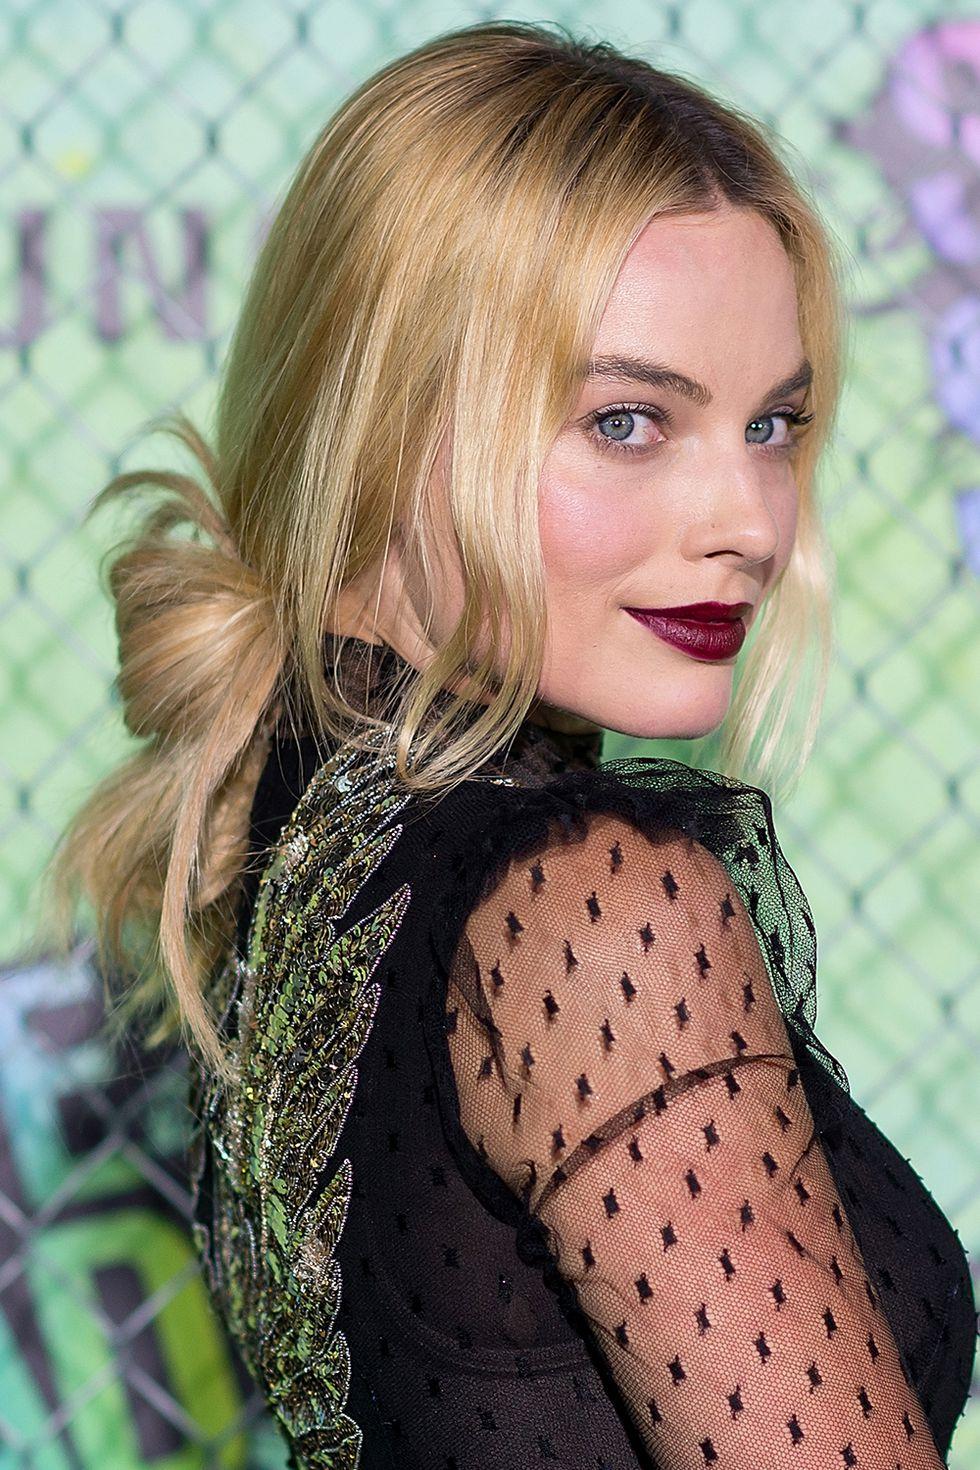 kiểu tóc đẹp cho nữ 2018 11